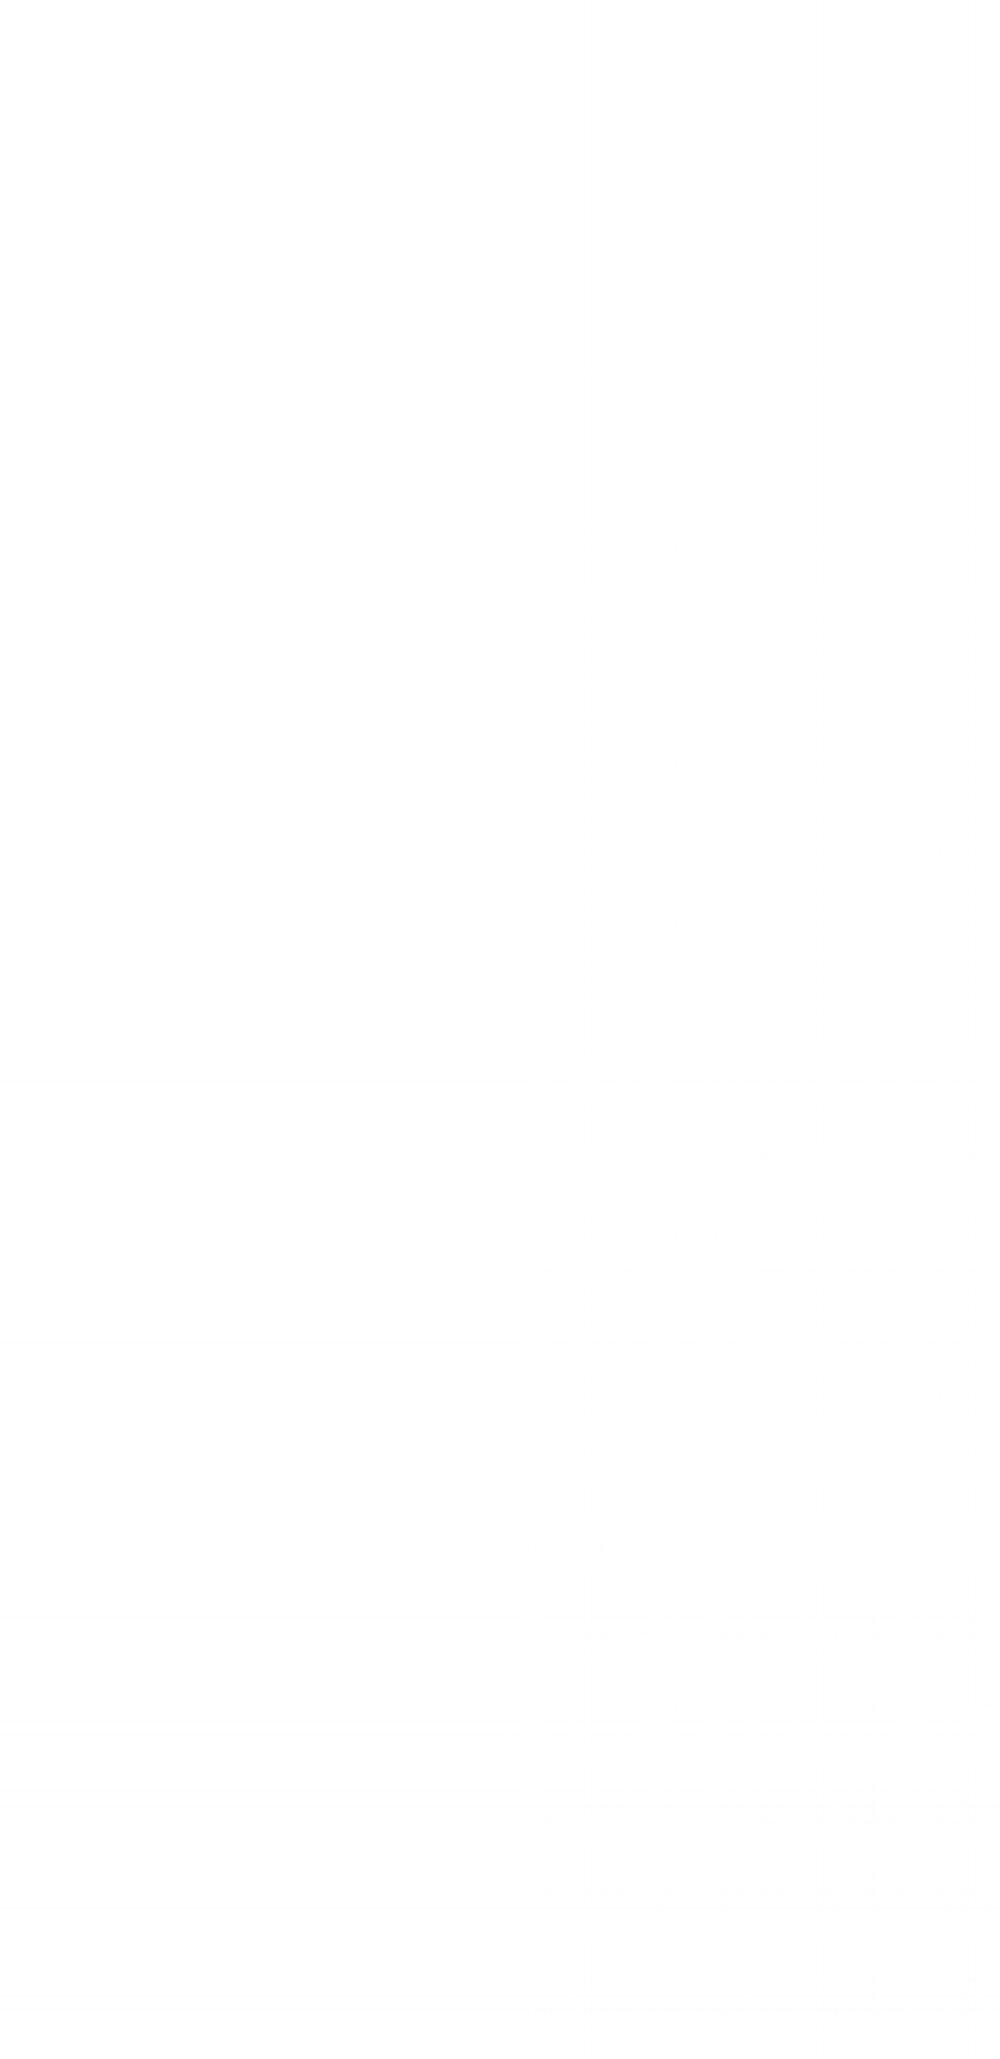 rouge-interdit-16-wanted-coralשפתון מבית ג'יבנשי מחיר 165 שח צילום יחצ חול.jpg